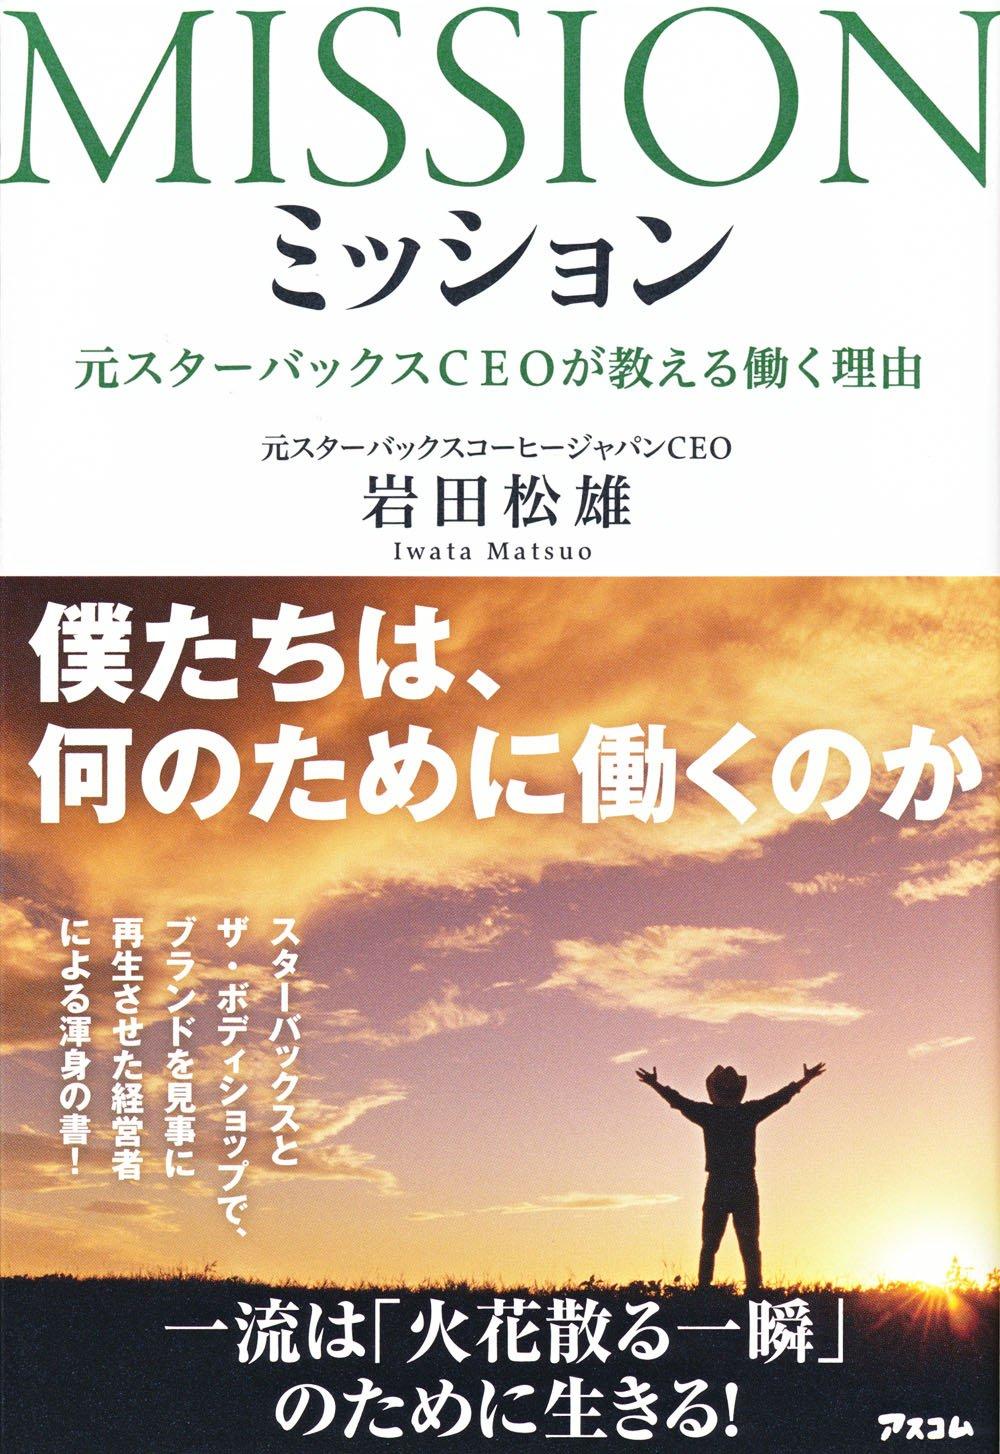 Read Online Misshon : Moto sutabakkusu shiio ga oshieru hataraku riyu. pdf epub